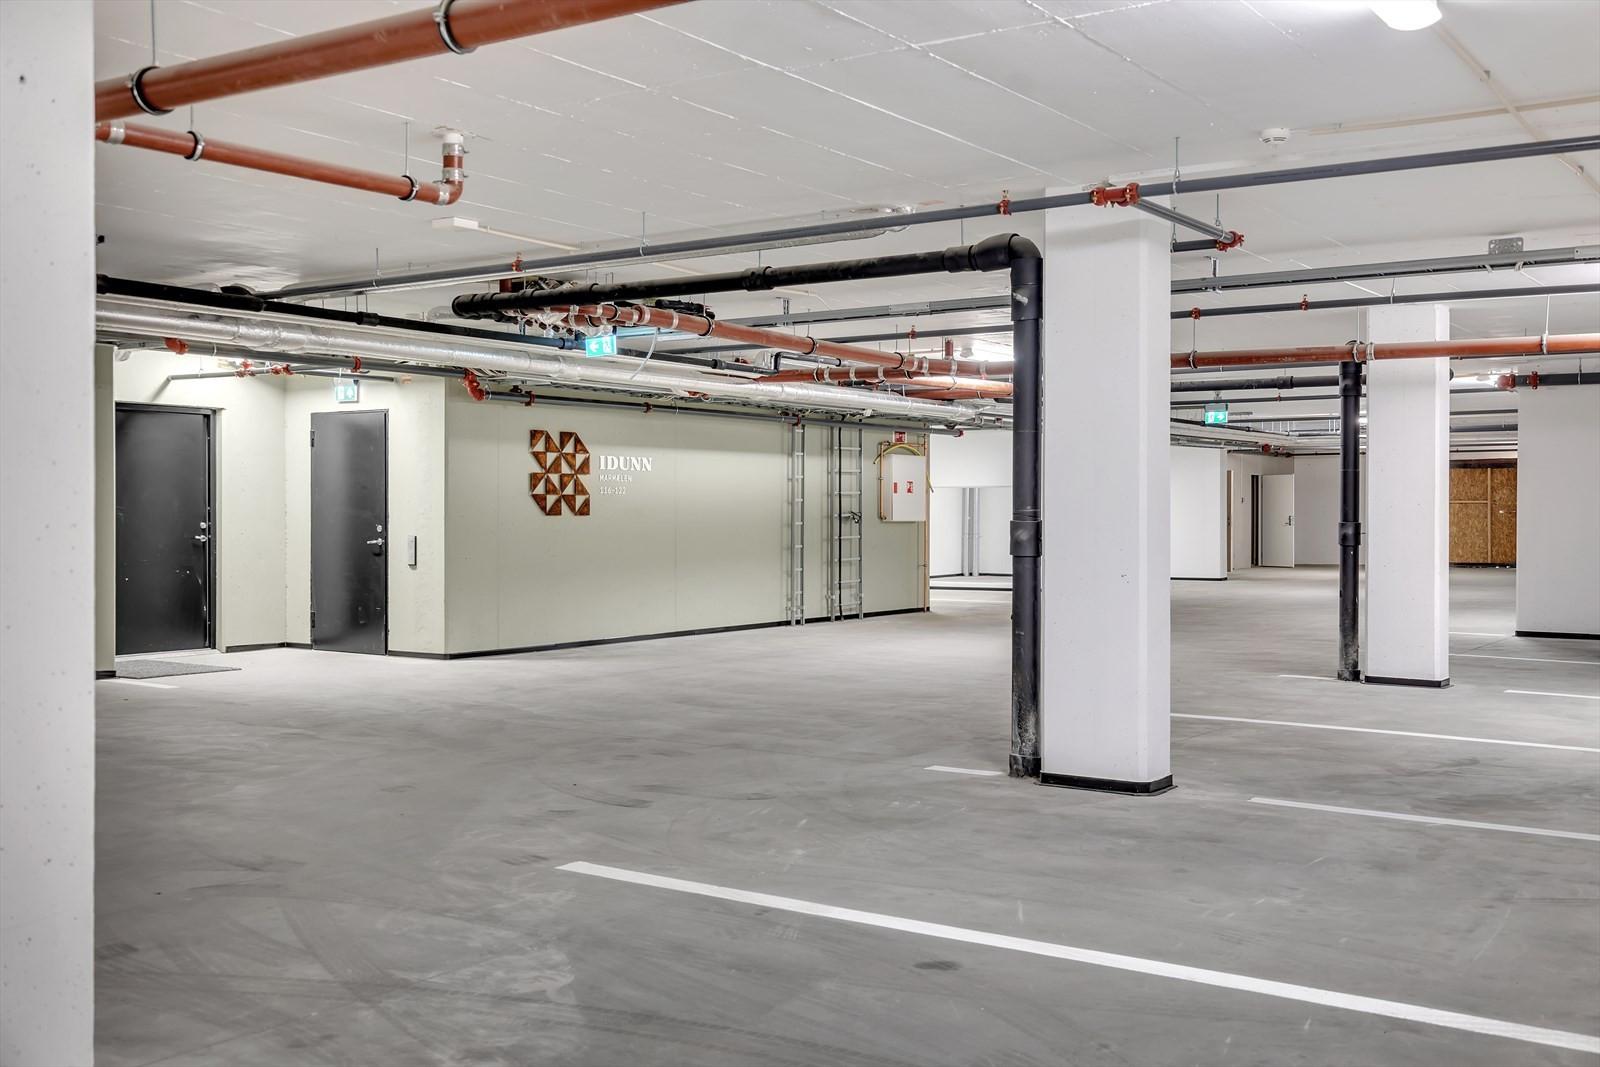 Garasjeplass i felles garasjeanlegg - heis opp til leiligheten